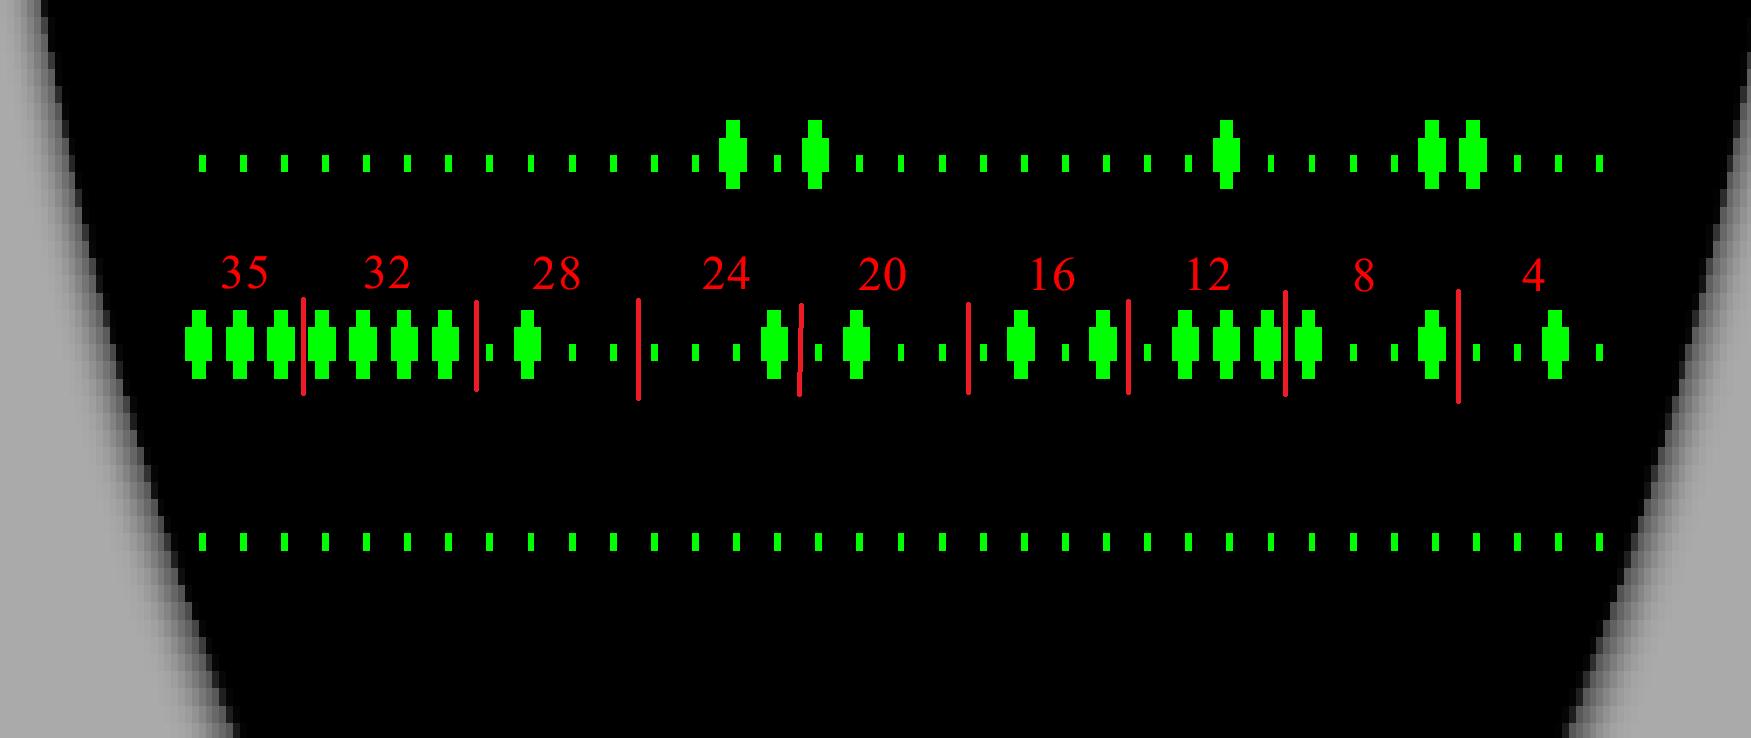 Рис. 7. Результат выполнения программы